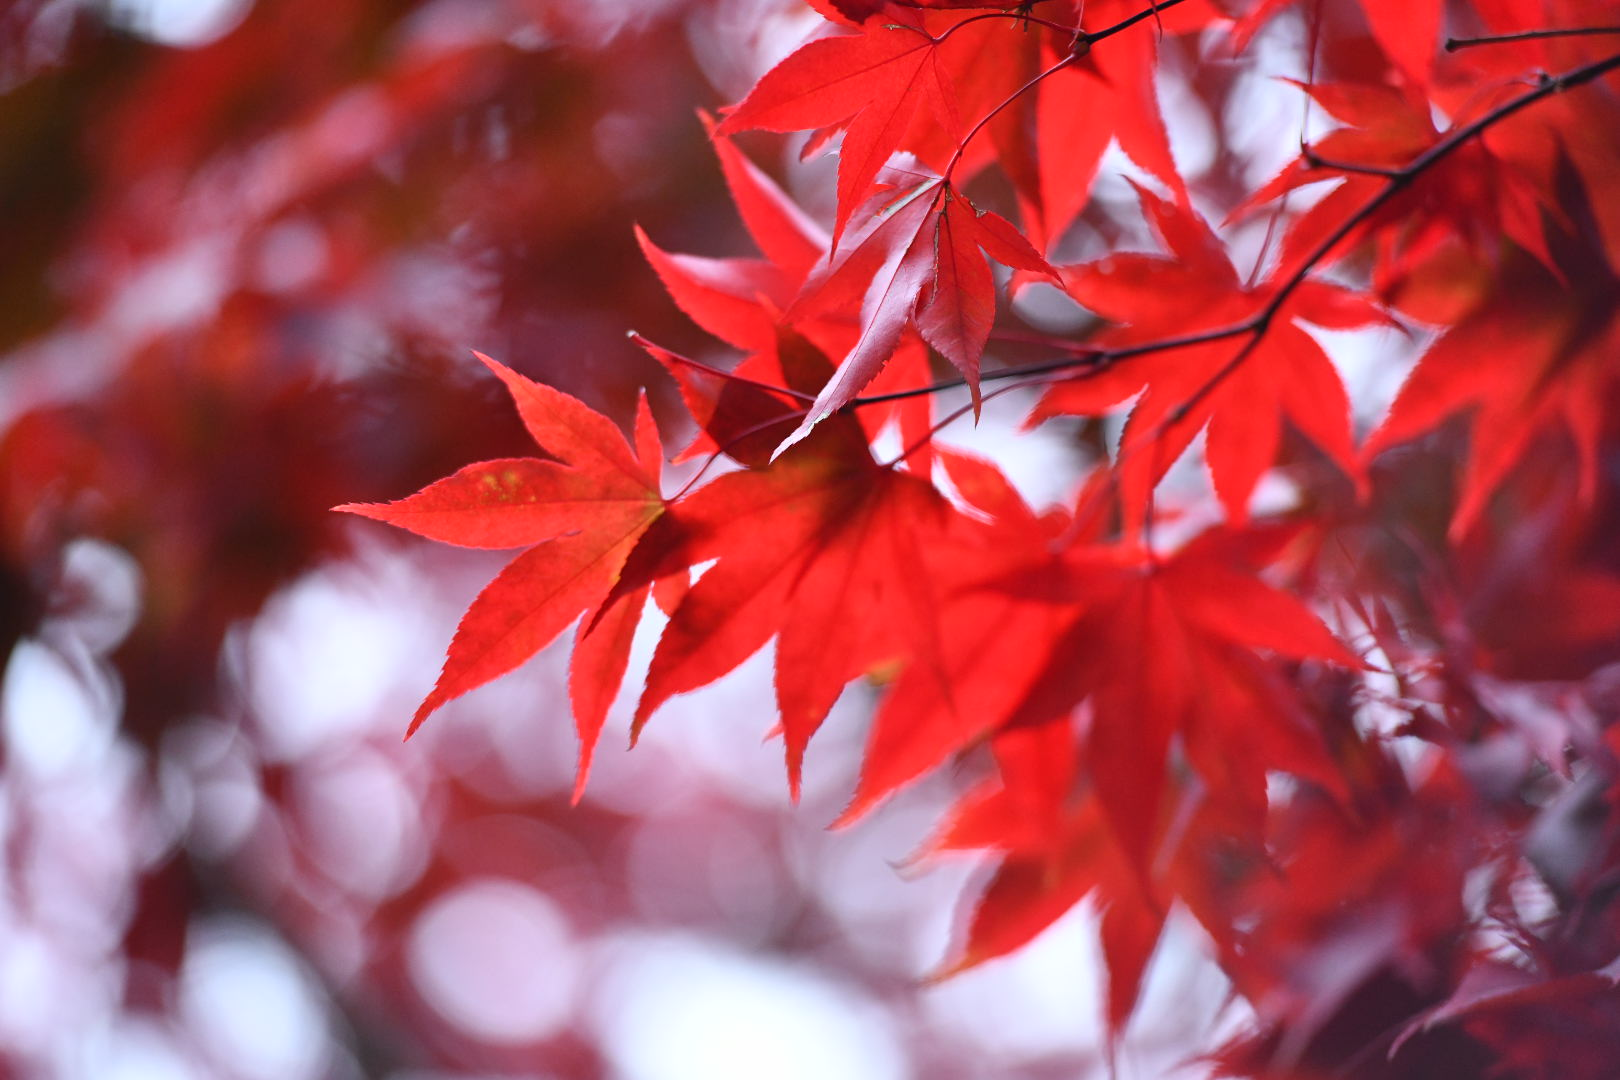 北美华人摄影协会诚征《镜头下的秋色》摄影作品通知